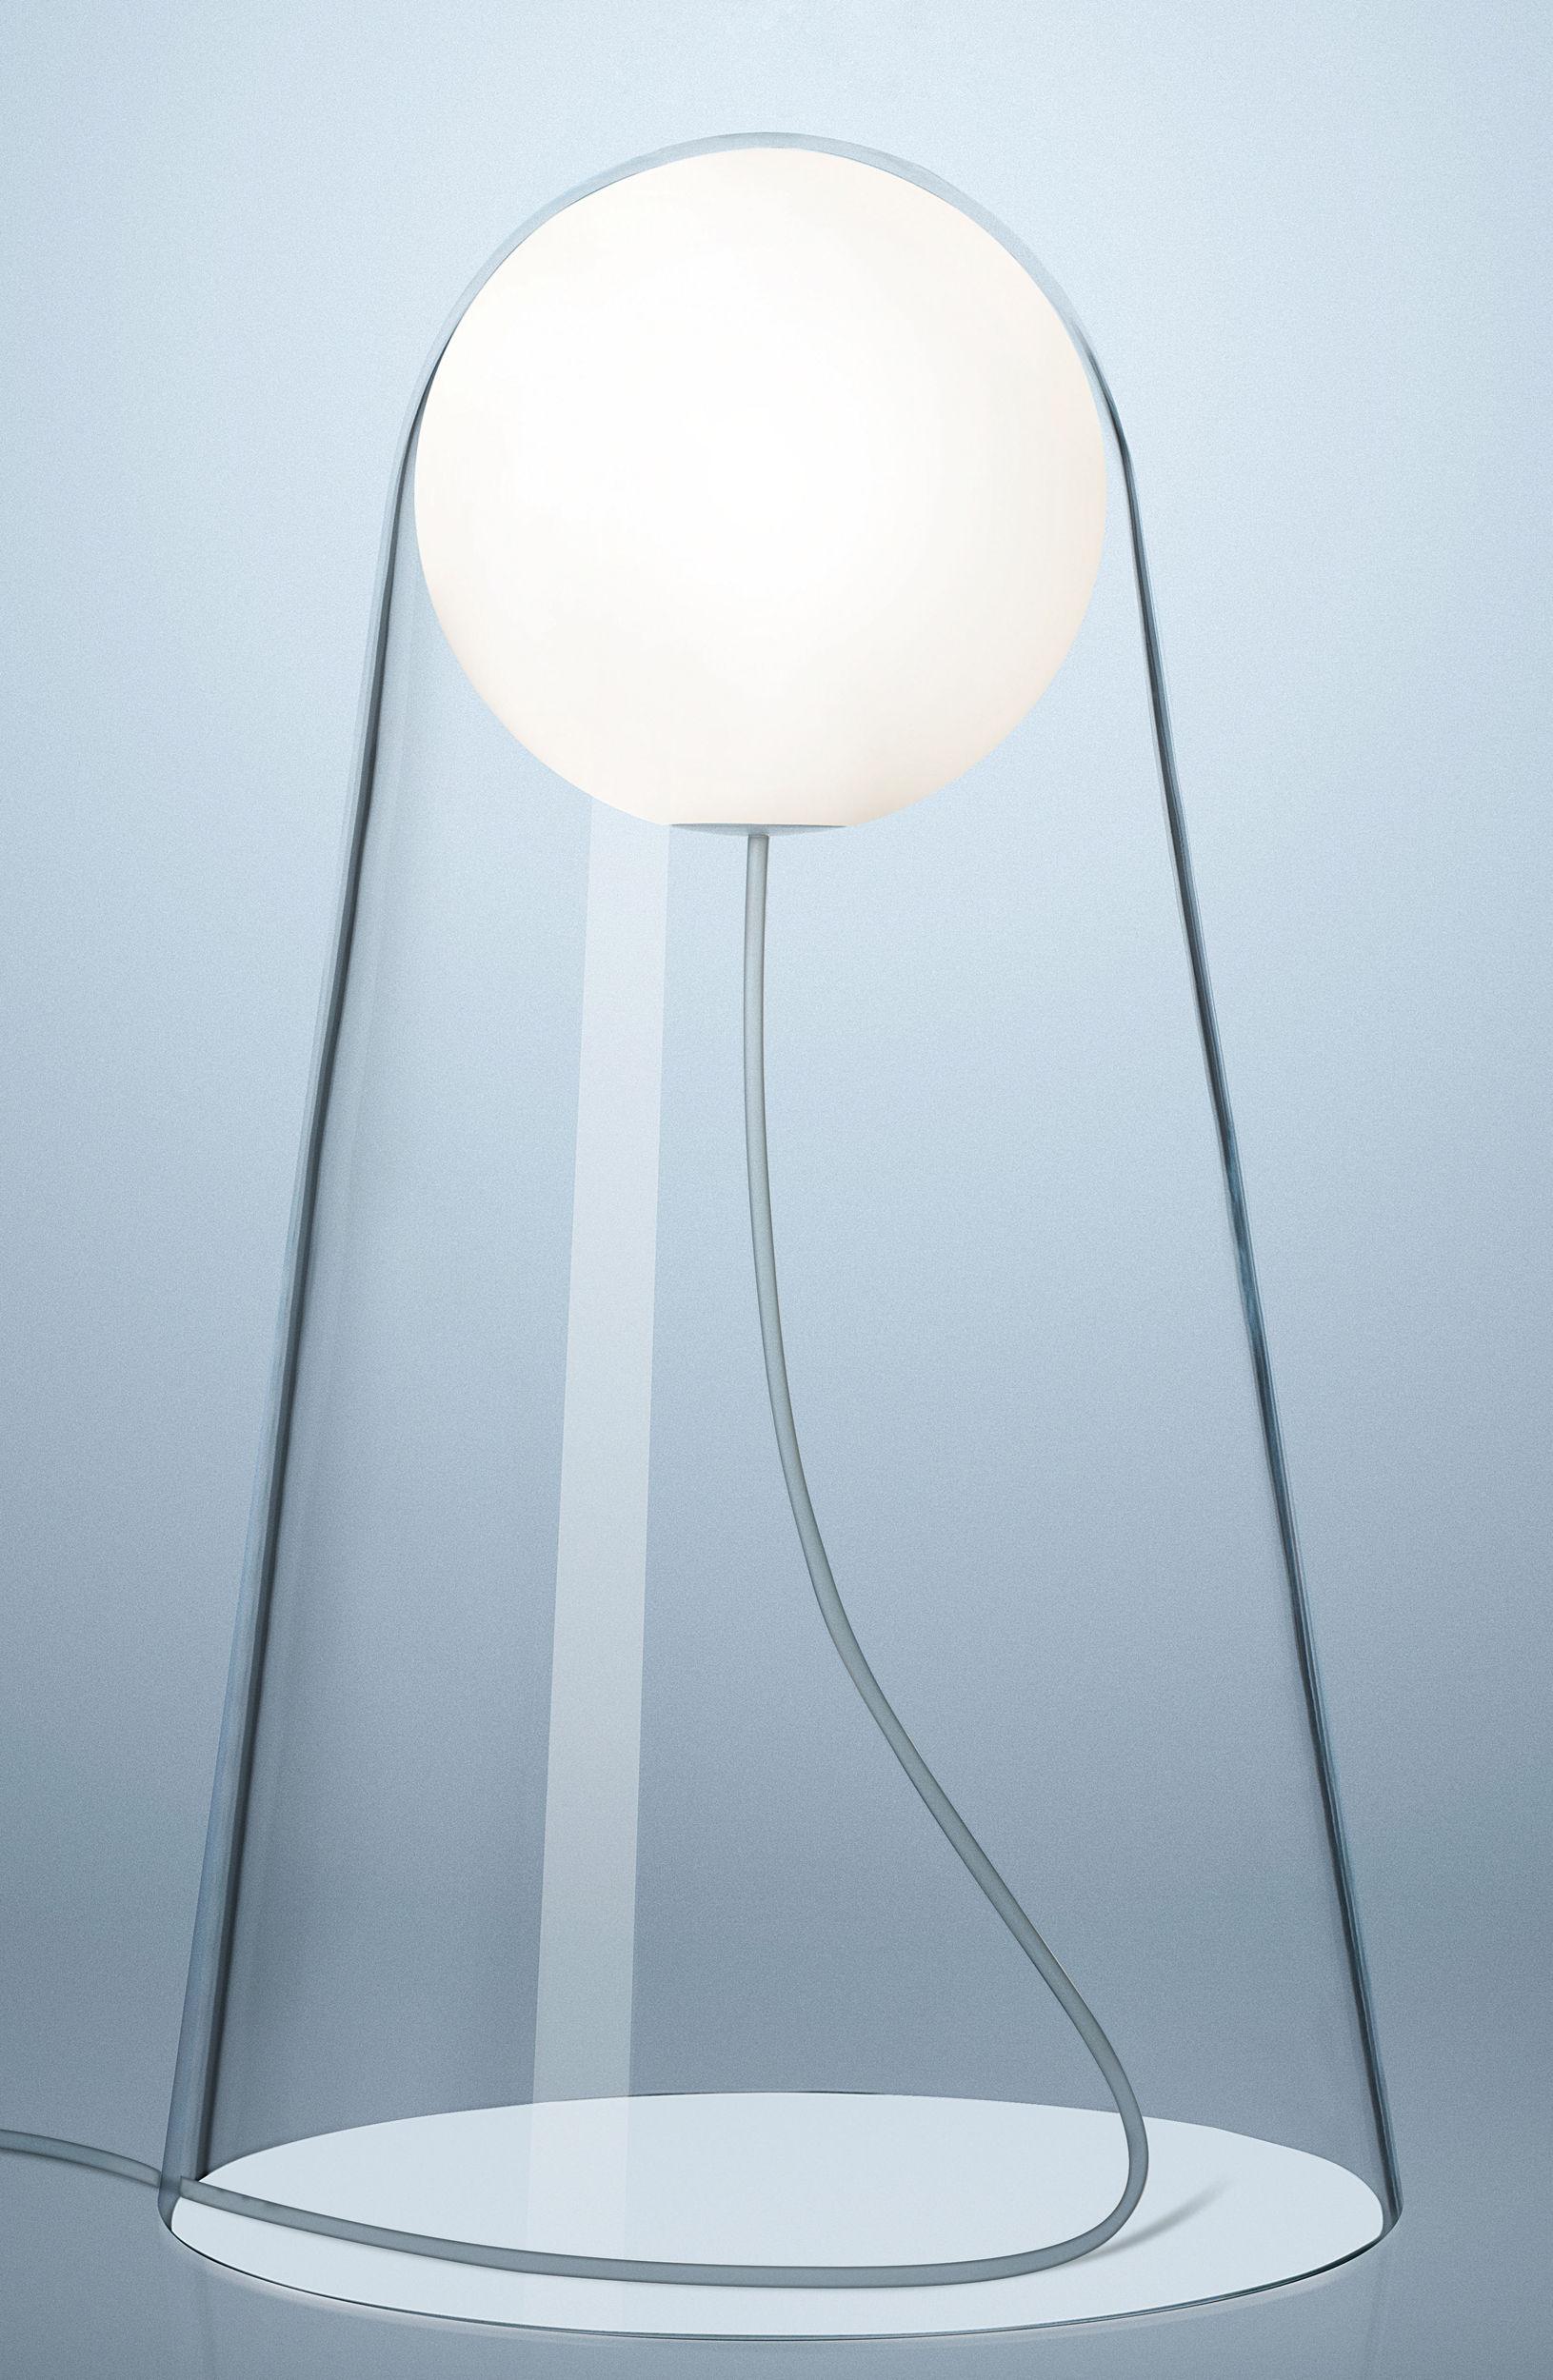 Leuchten - Tischleuchten - Satellight Tischleuchte LED / mundgeblasenes Glas - Foscarini - Transparent / Kugel weiß - mundgeblasenes Glas